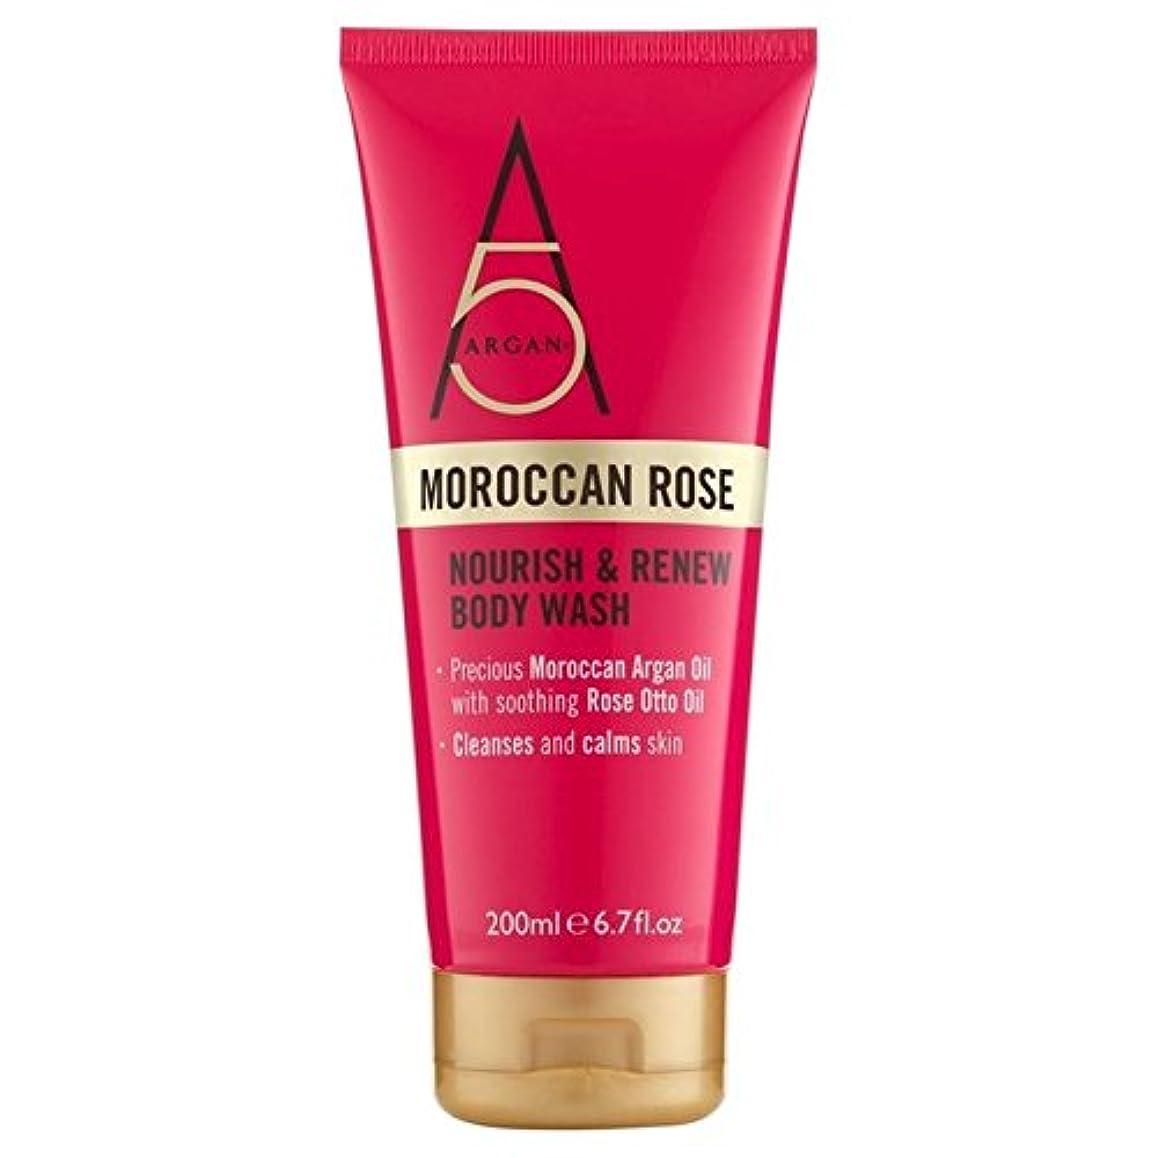 謝罪するテザー治安判事アルガン+モロッコは、ボディウォッシュ300ミリリットルをバラ x2 - Argan+ Moroccan Rose Body Wash 300ml (Pack of 2) [並行輸入品]